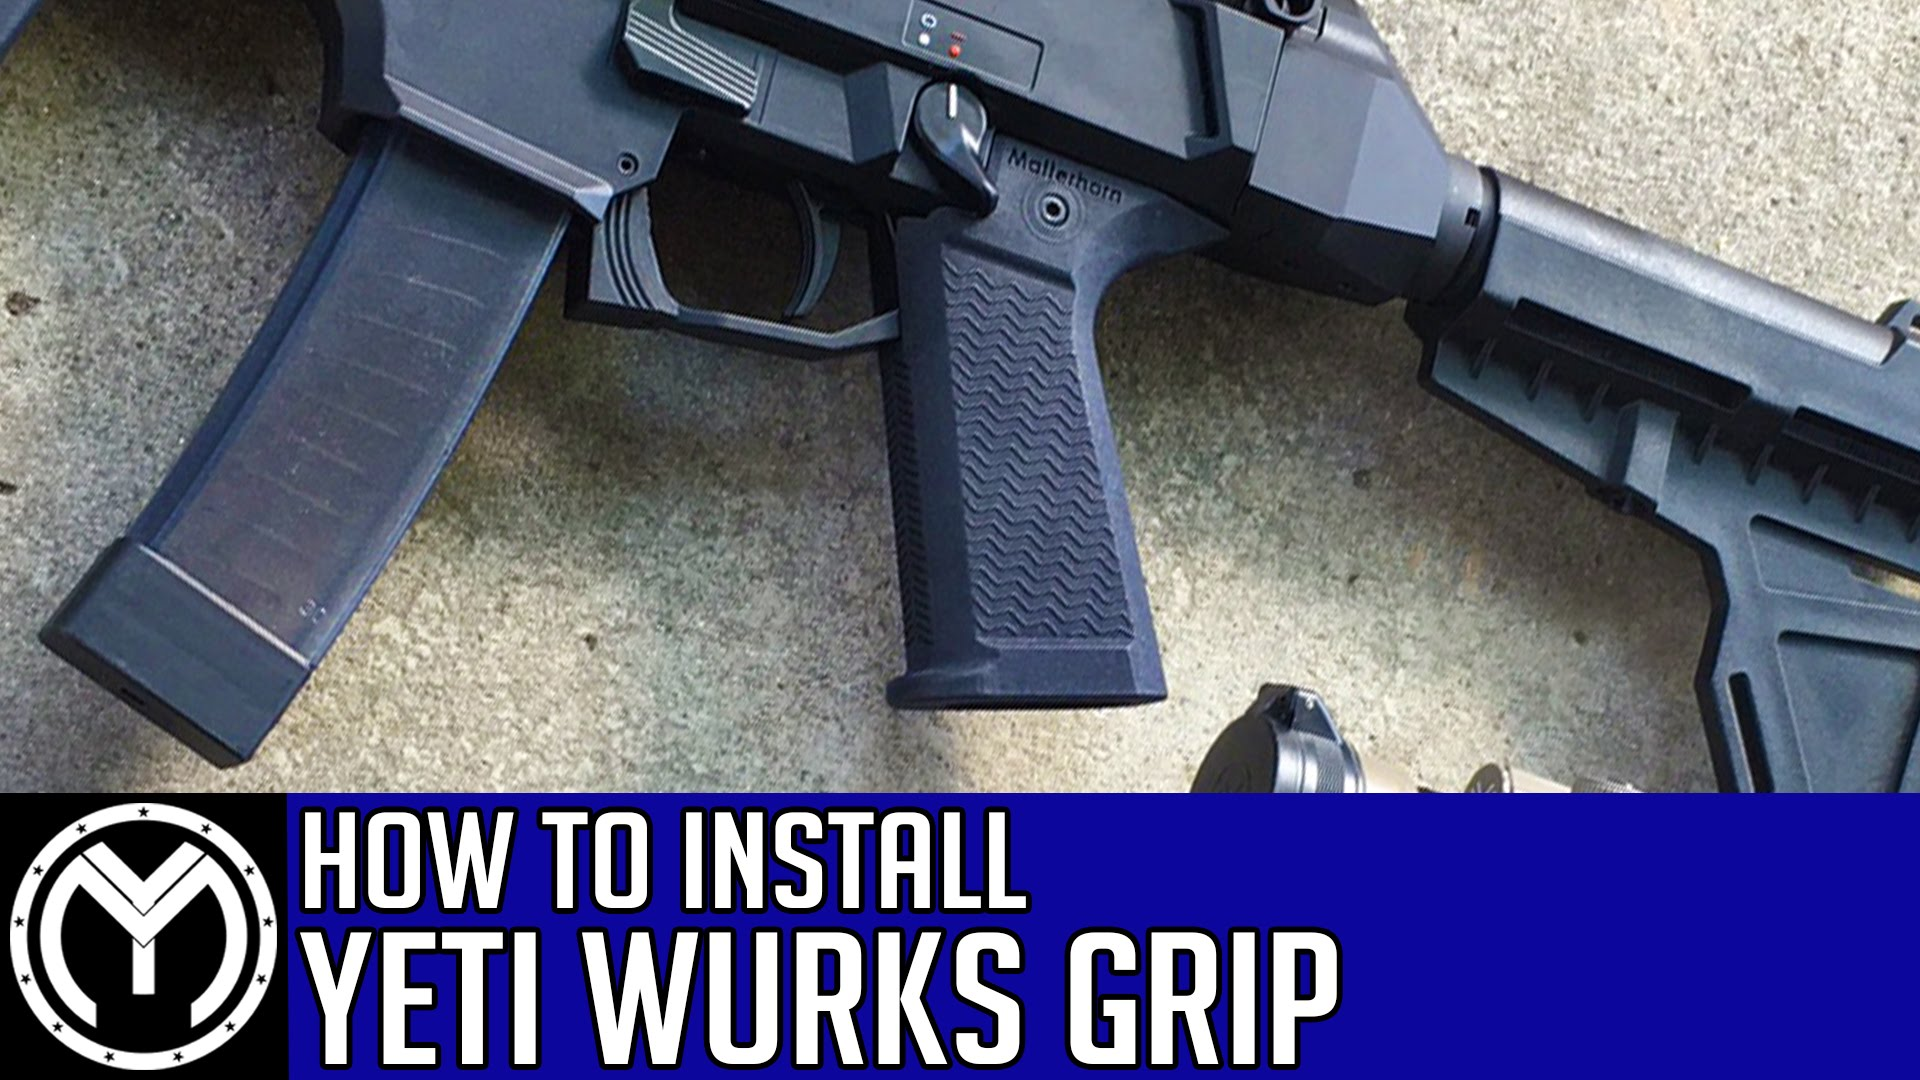 CZ Scorpion Evo | How to Install Yeti Wurks Pistol Grip